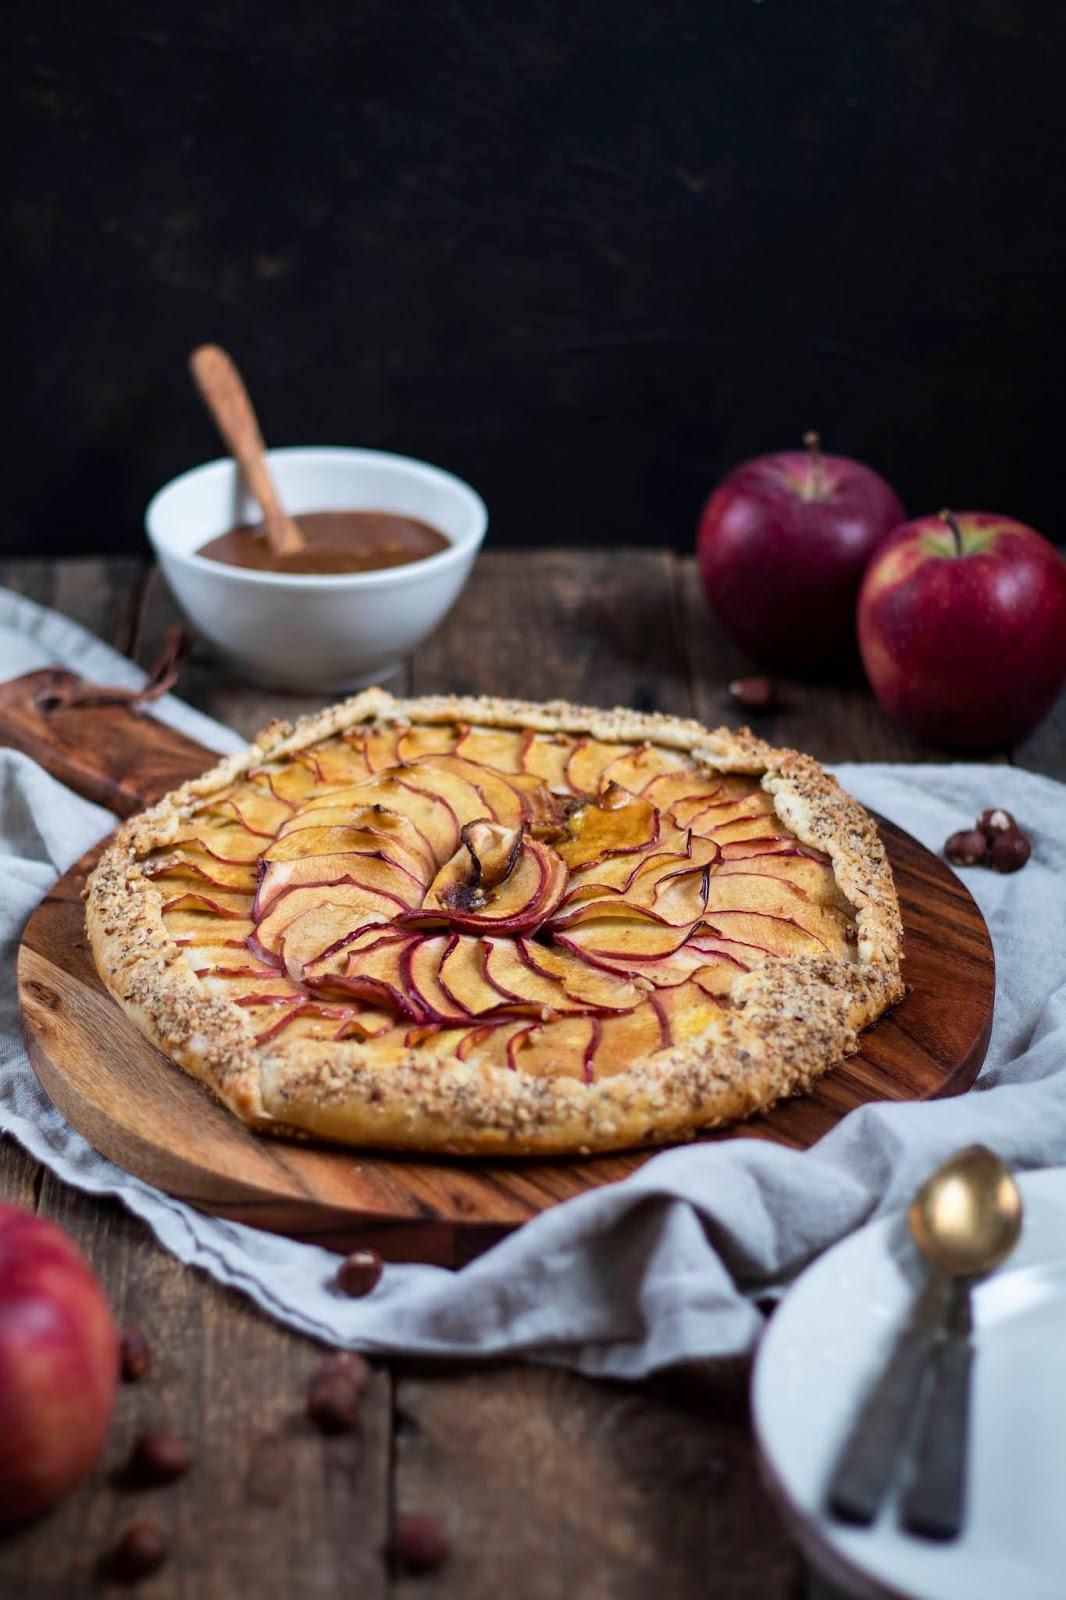 Recette de la tarte rustique aux pommes et aux noisettes